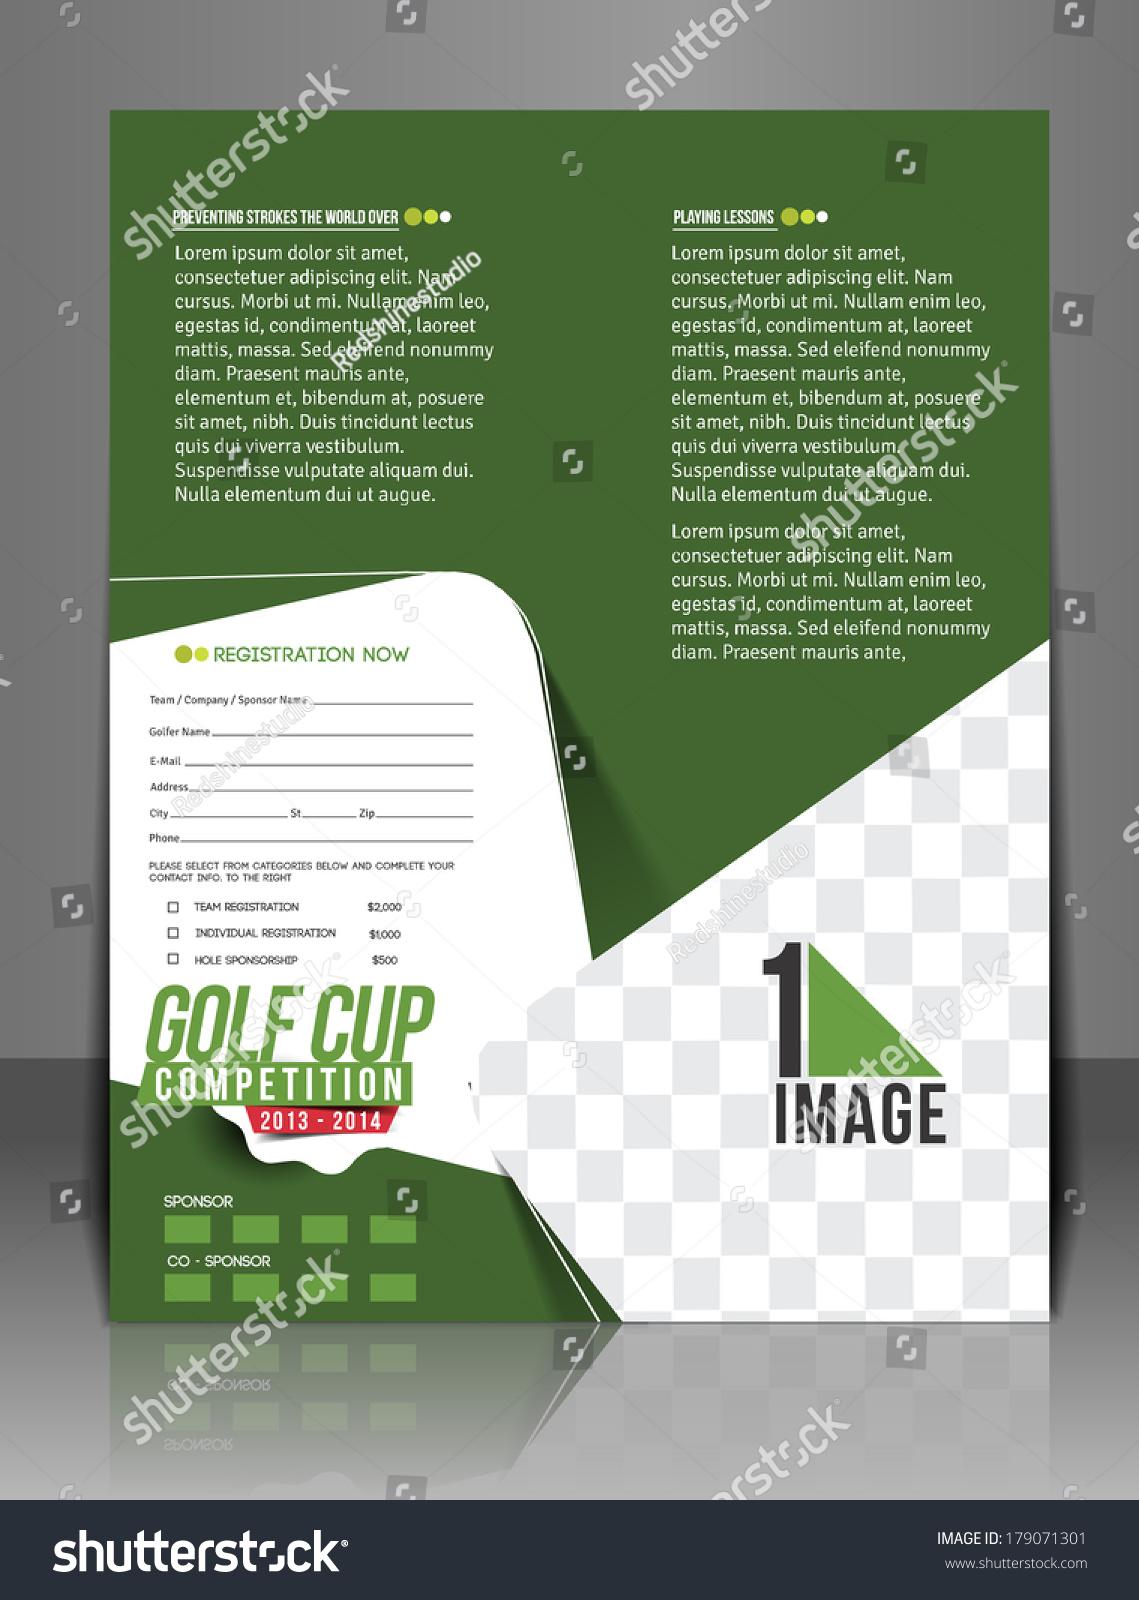 golf tournament brochure template - golf tournament back flyer template stock vector 179071301